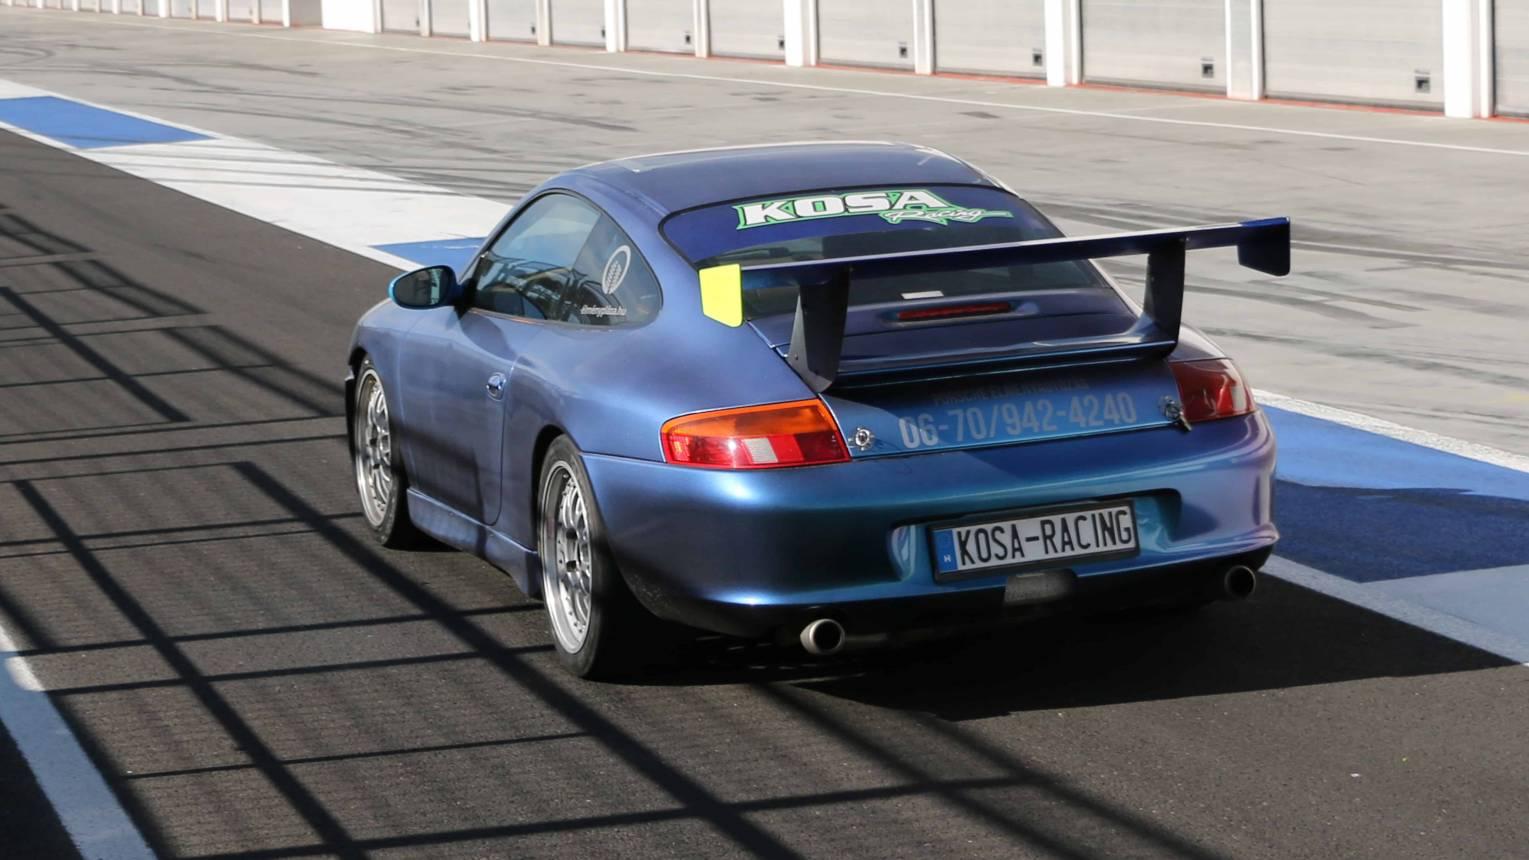 Porsche 996 versenyautó vezetés a Kakucs-ringen